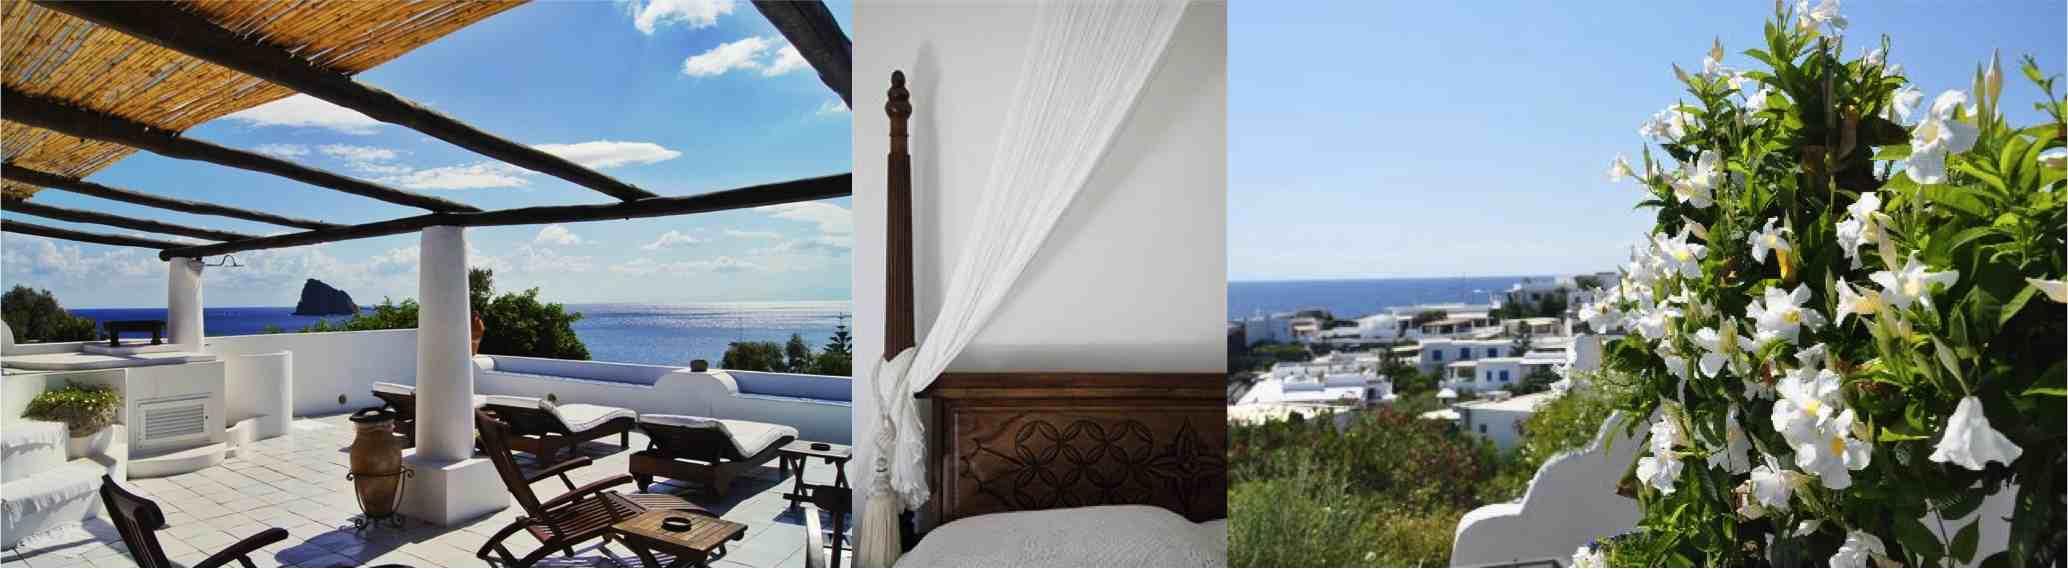 Panarea quartara hotel Alidifirenze